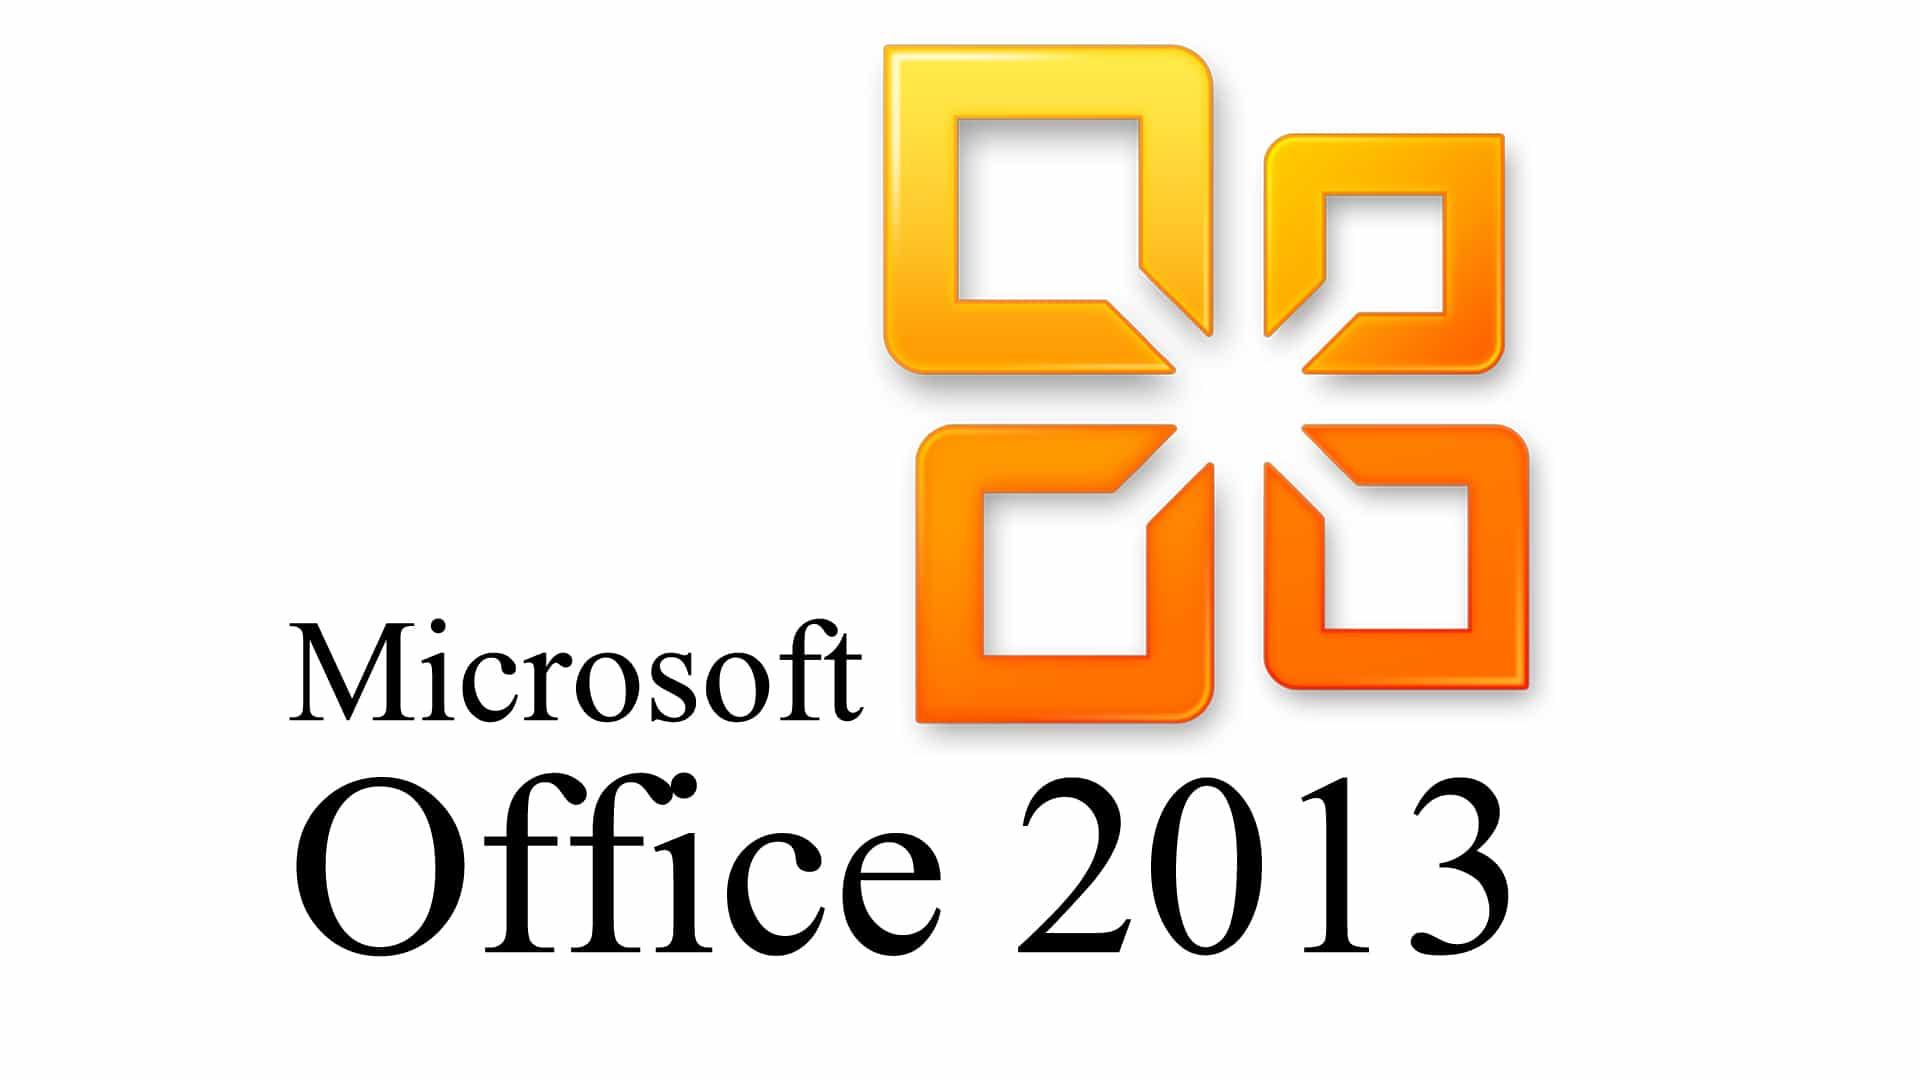 Come-attivare-Office-2013-gratis